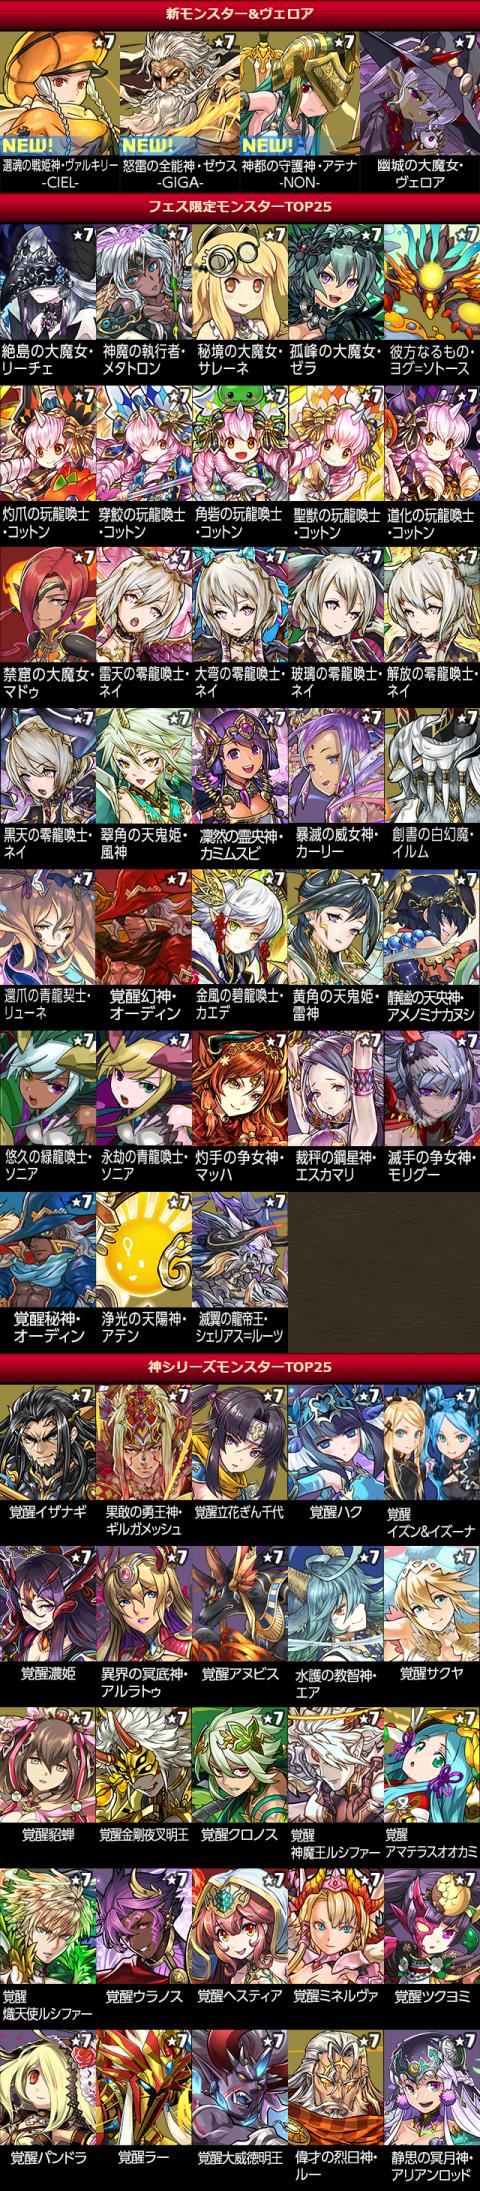 【パズドラ日記】スーパーアンケートゴッドフェスに挑戦!